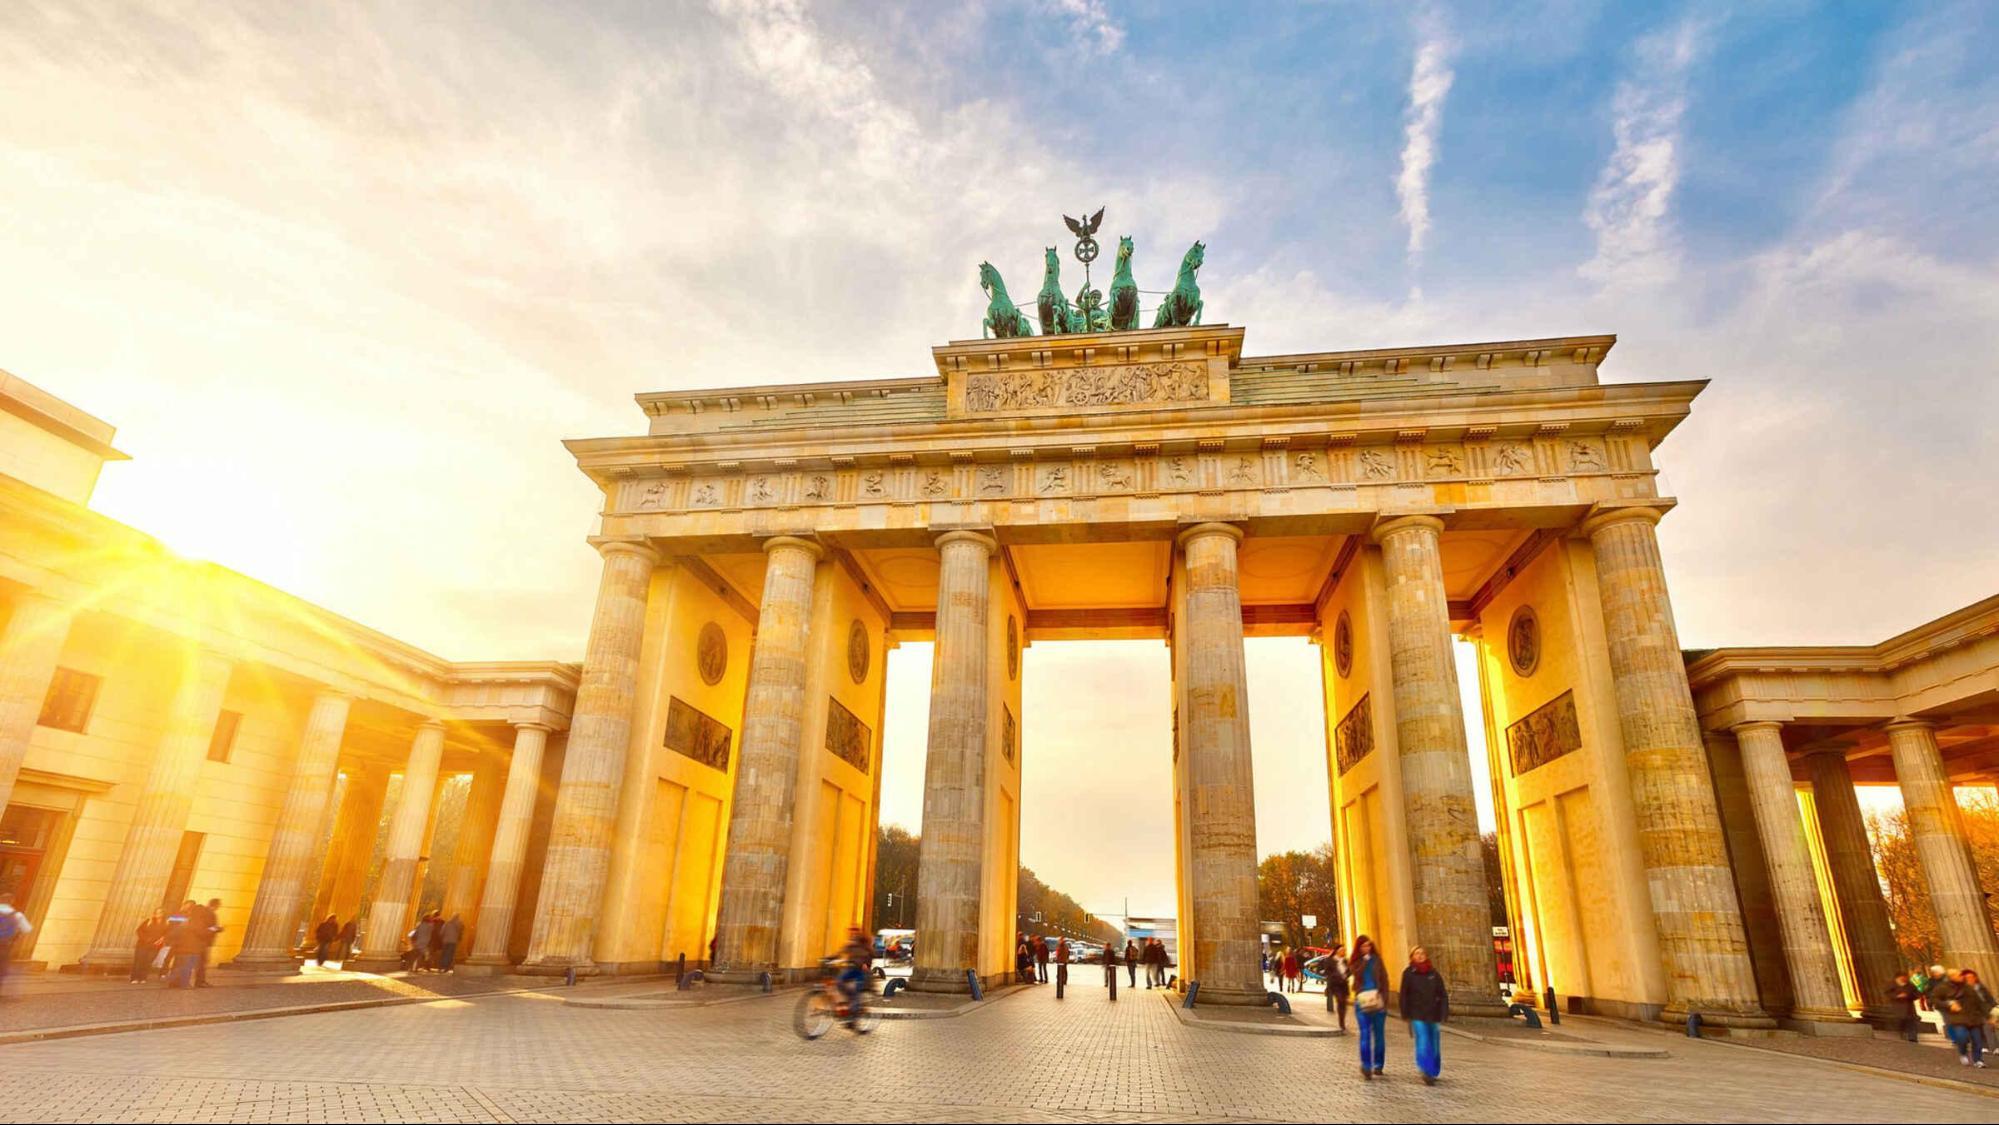 những câu hỏi thường gặp khi phỏng vấn đi Đức (1)